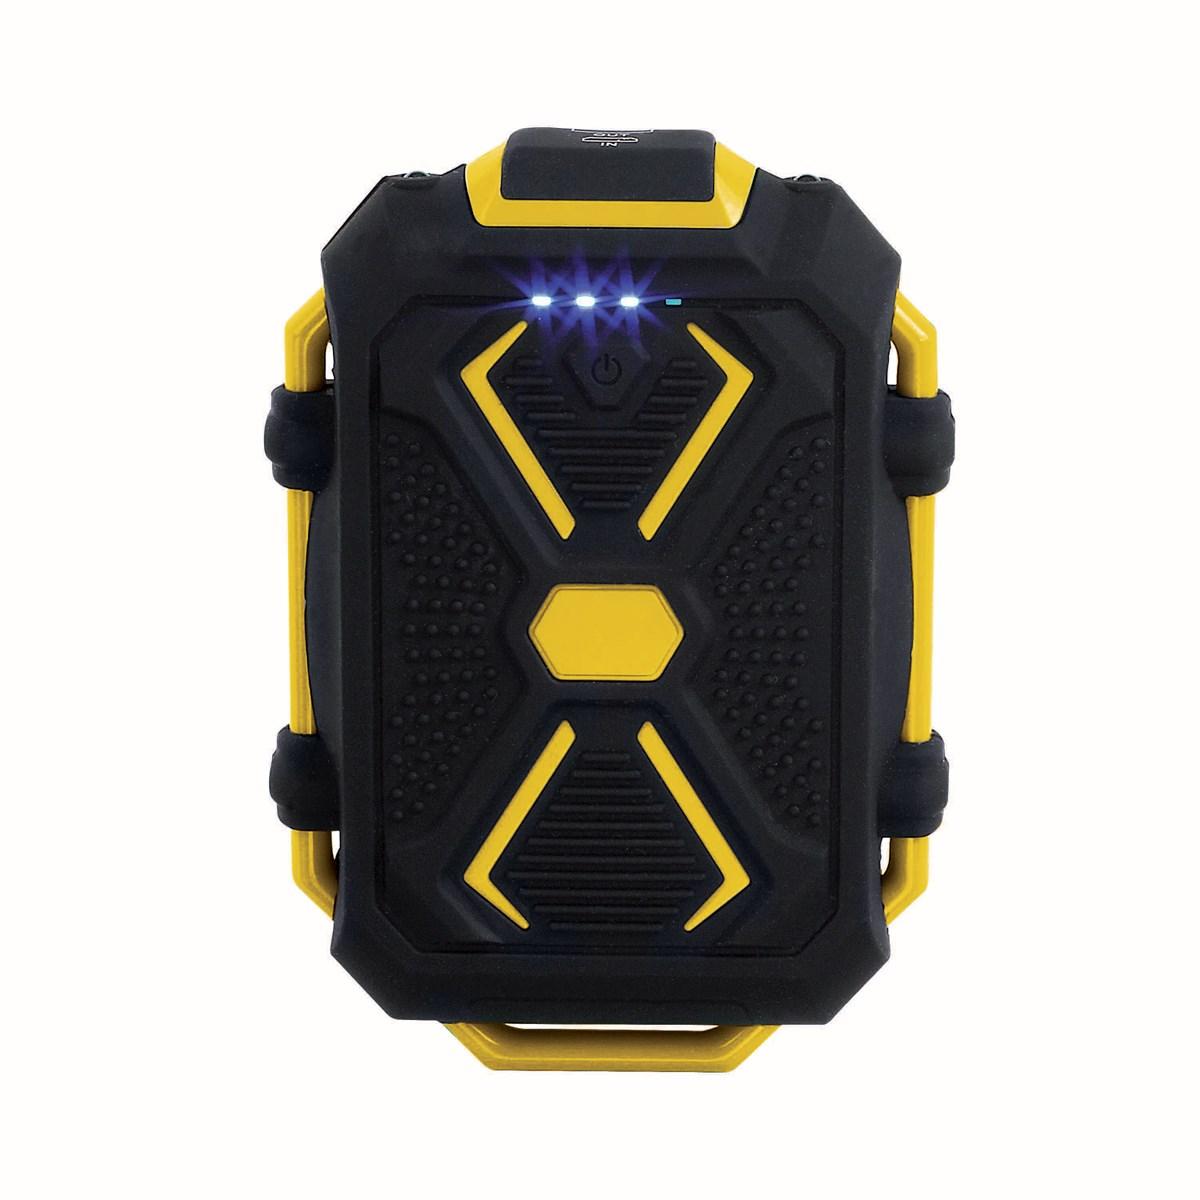 Batterie de secours anti-choc en silicone jaune